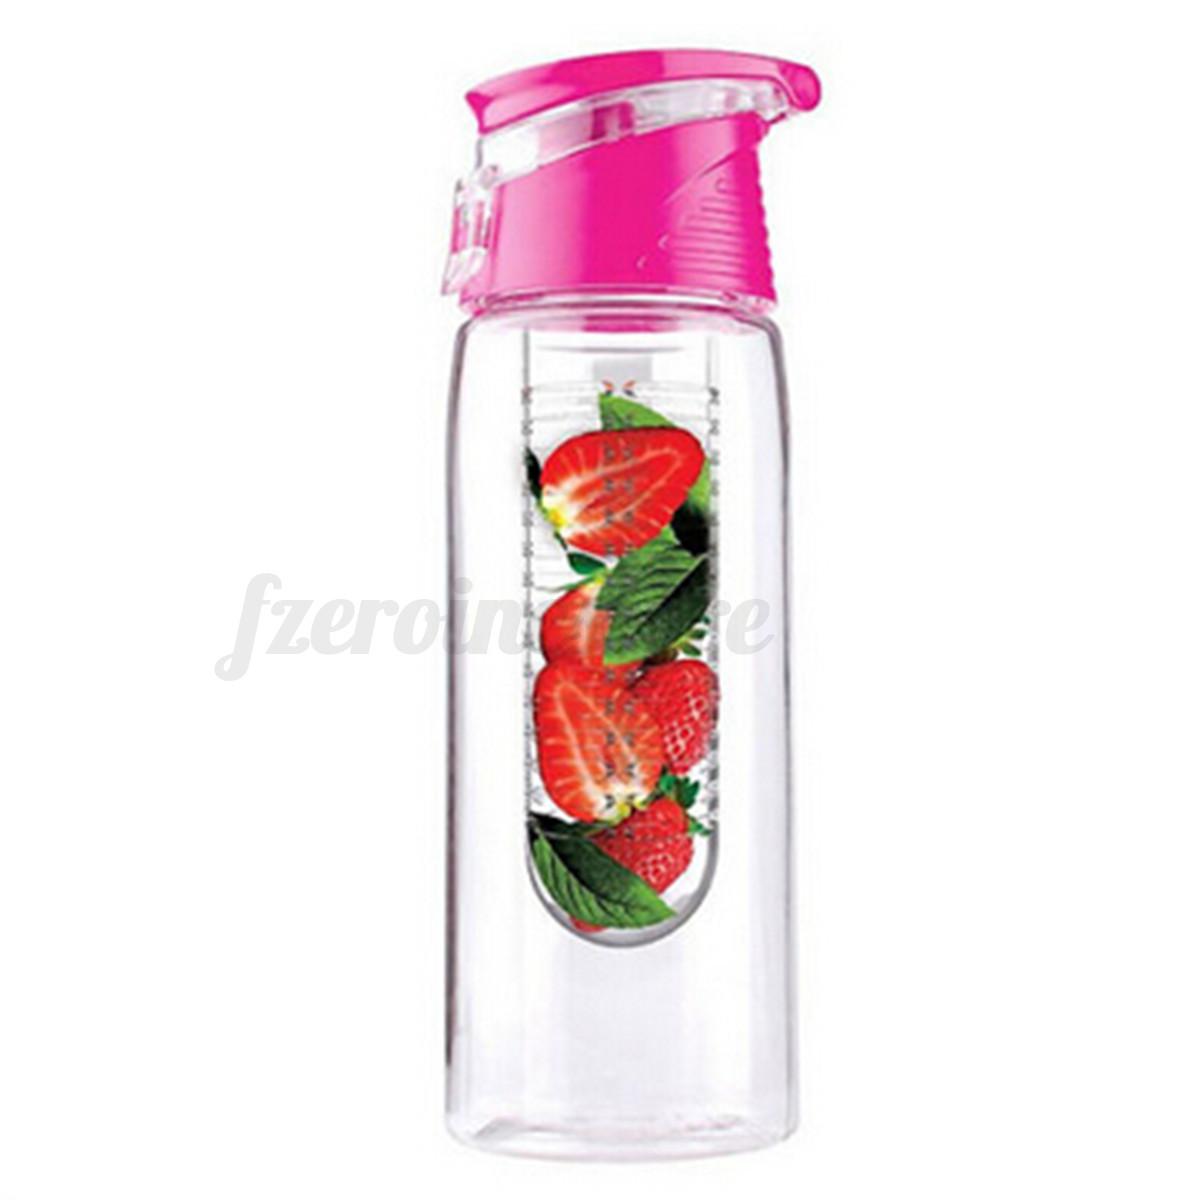 Water Bottle You Put Fruit In: 800ml Tritan Water Fruit Drink Infuser Juice Gym Bottle